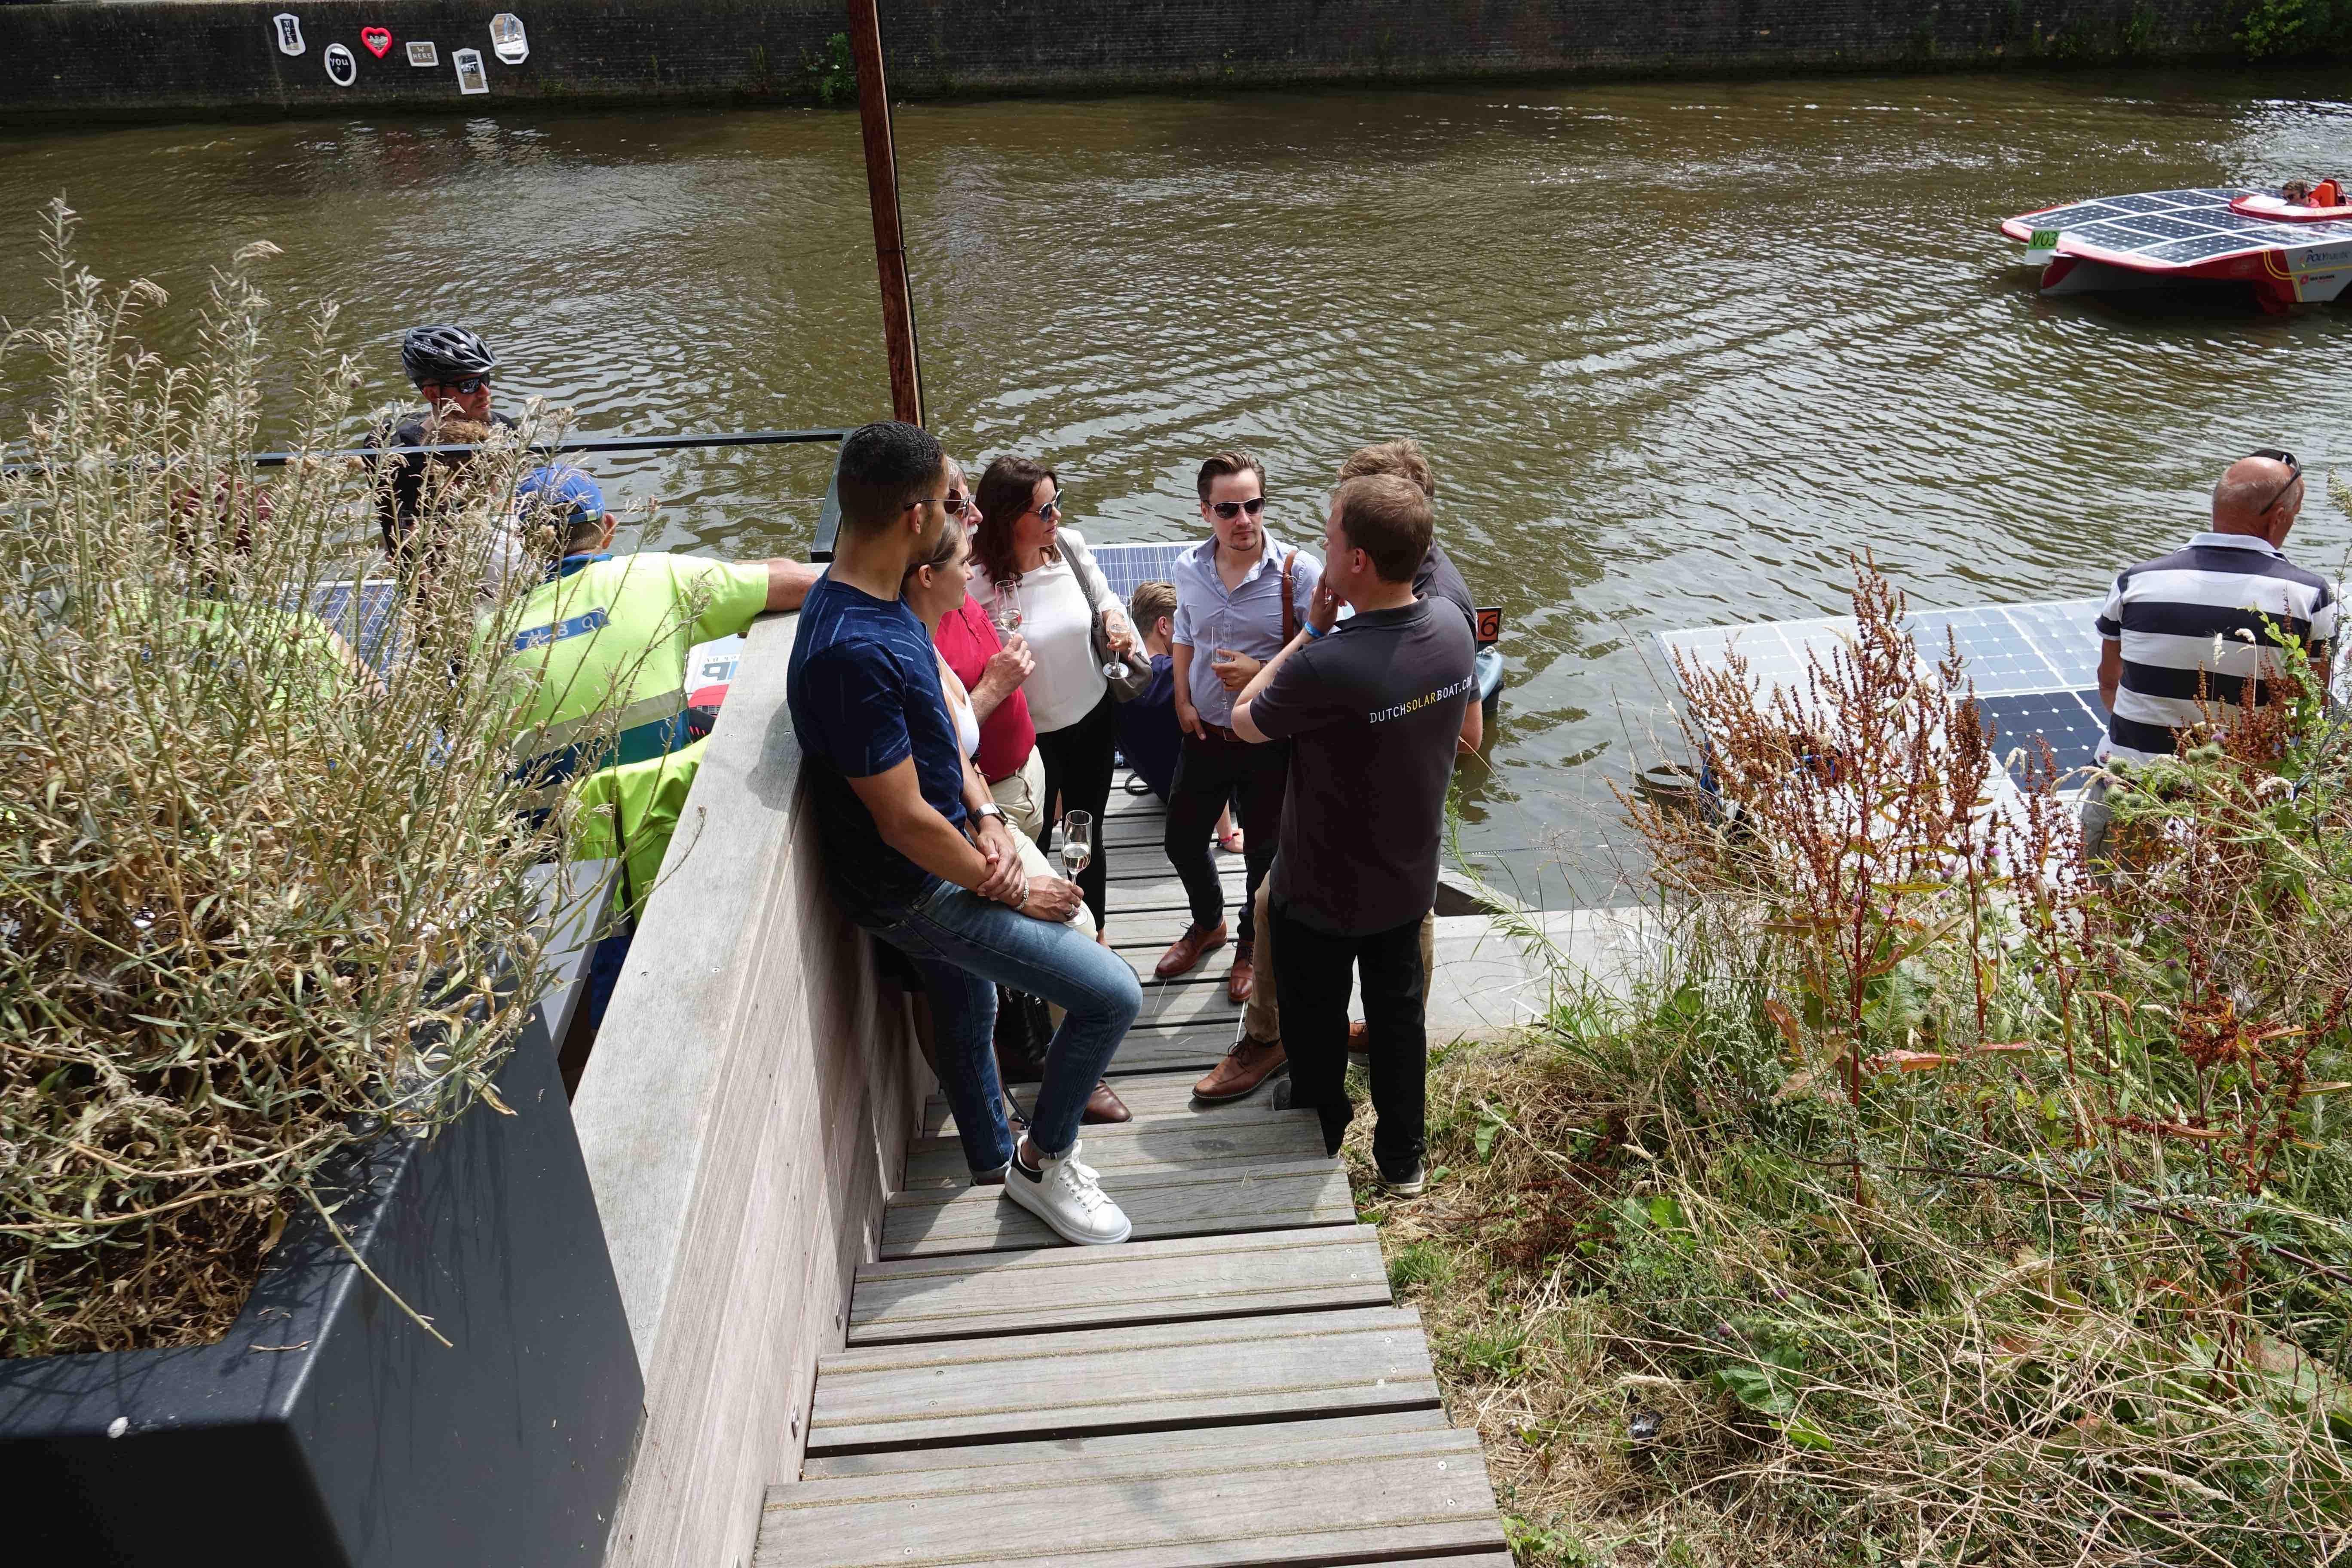 NaGa Solar - Dutch Solar Boat 06072018#DSC05628